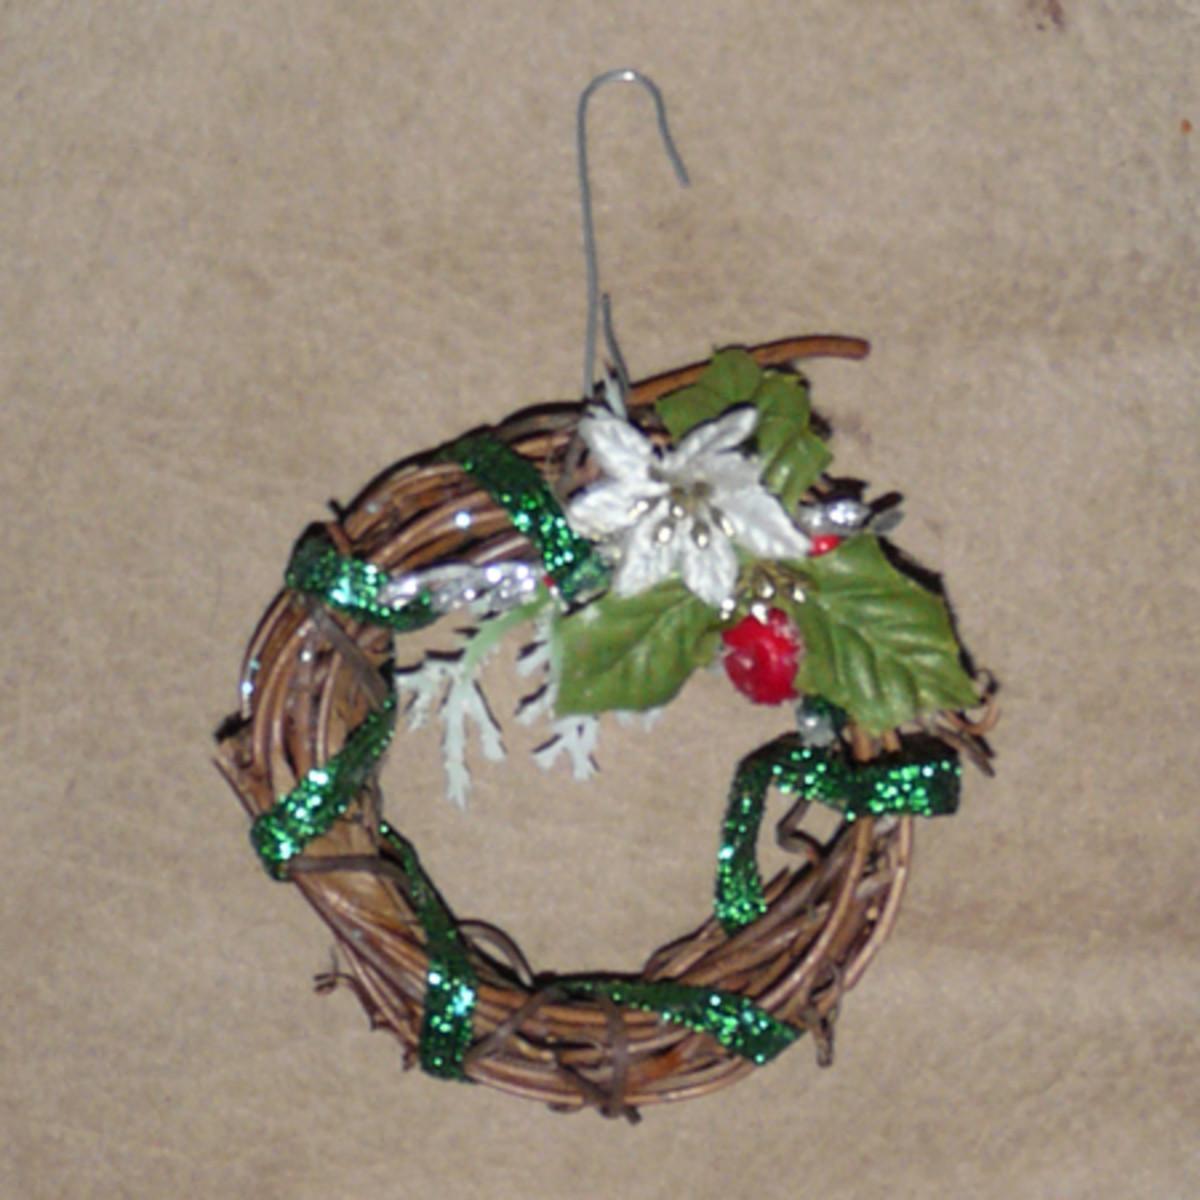 Mini Wreath Ornament with Poinsettia